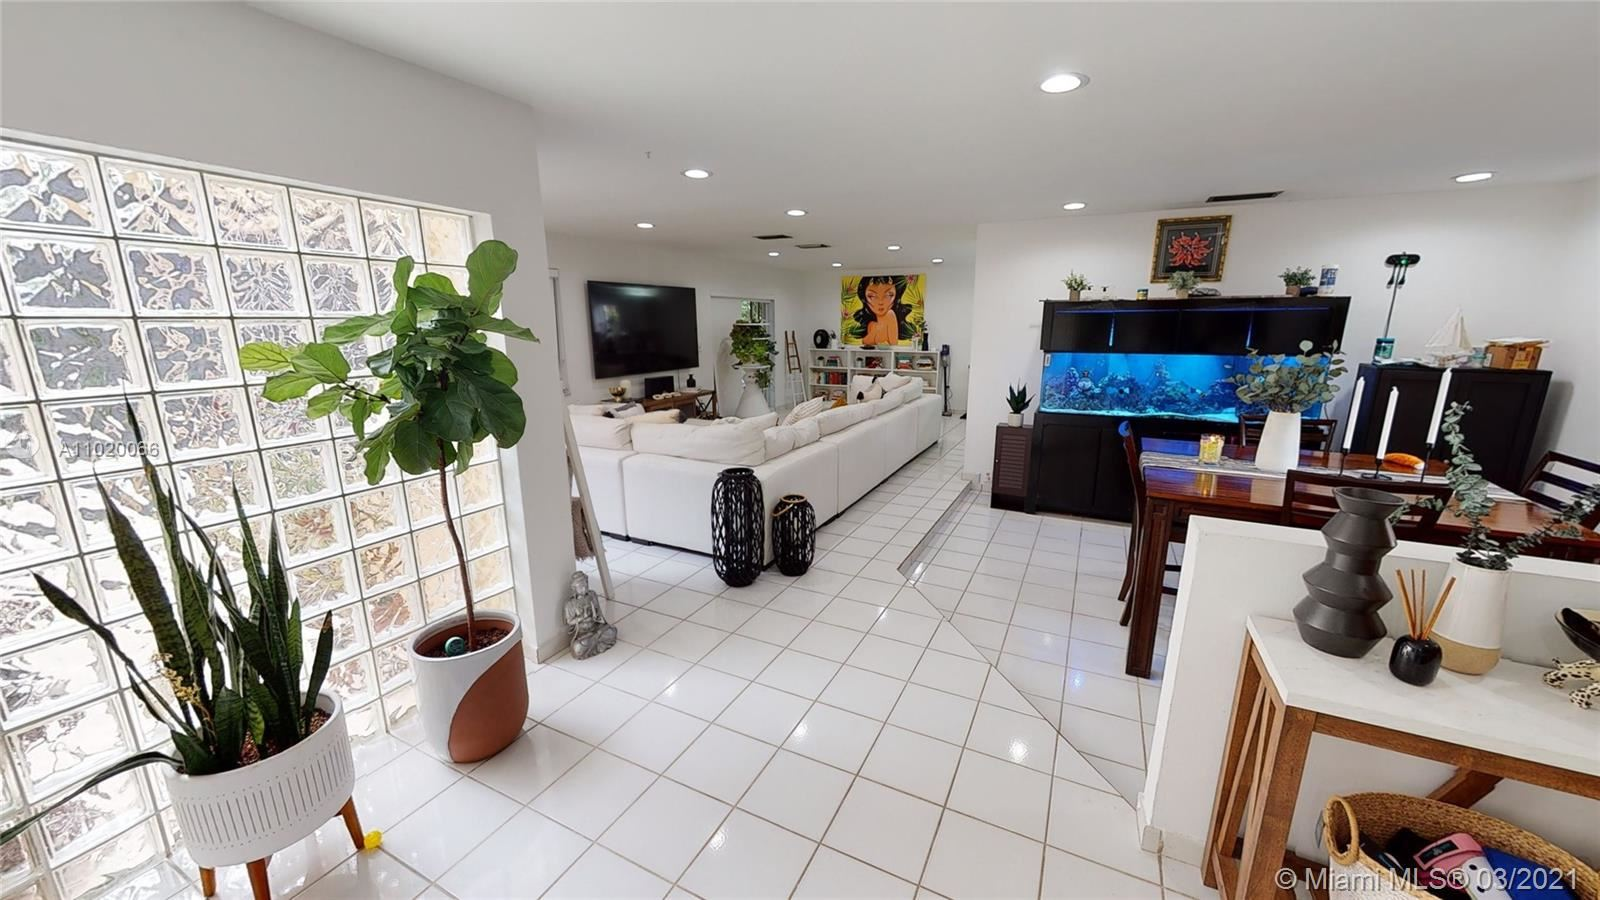 11520 SW 32nd St, Miami, FL 33165 - #: A11020066